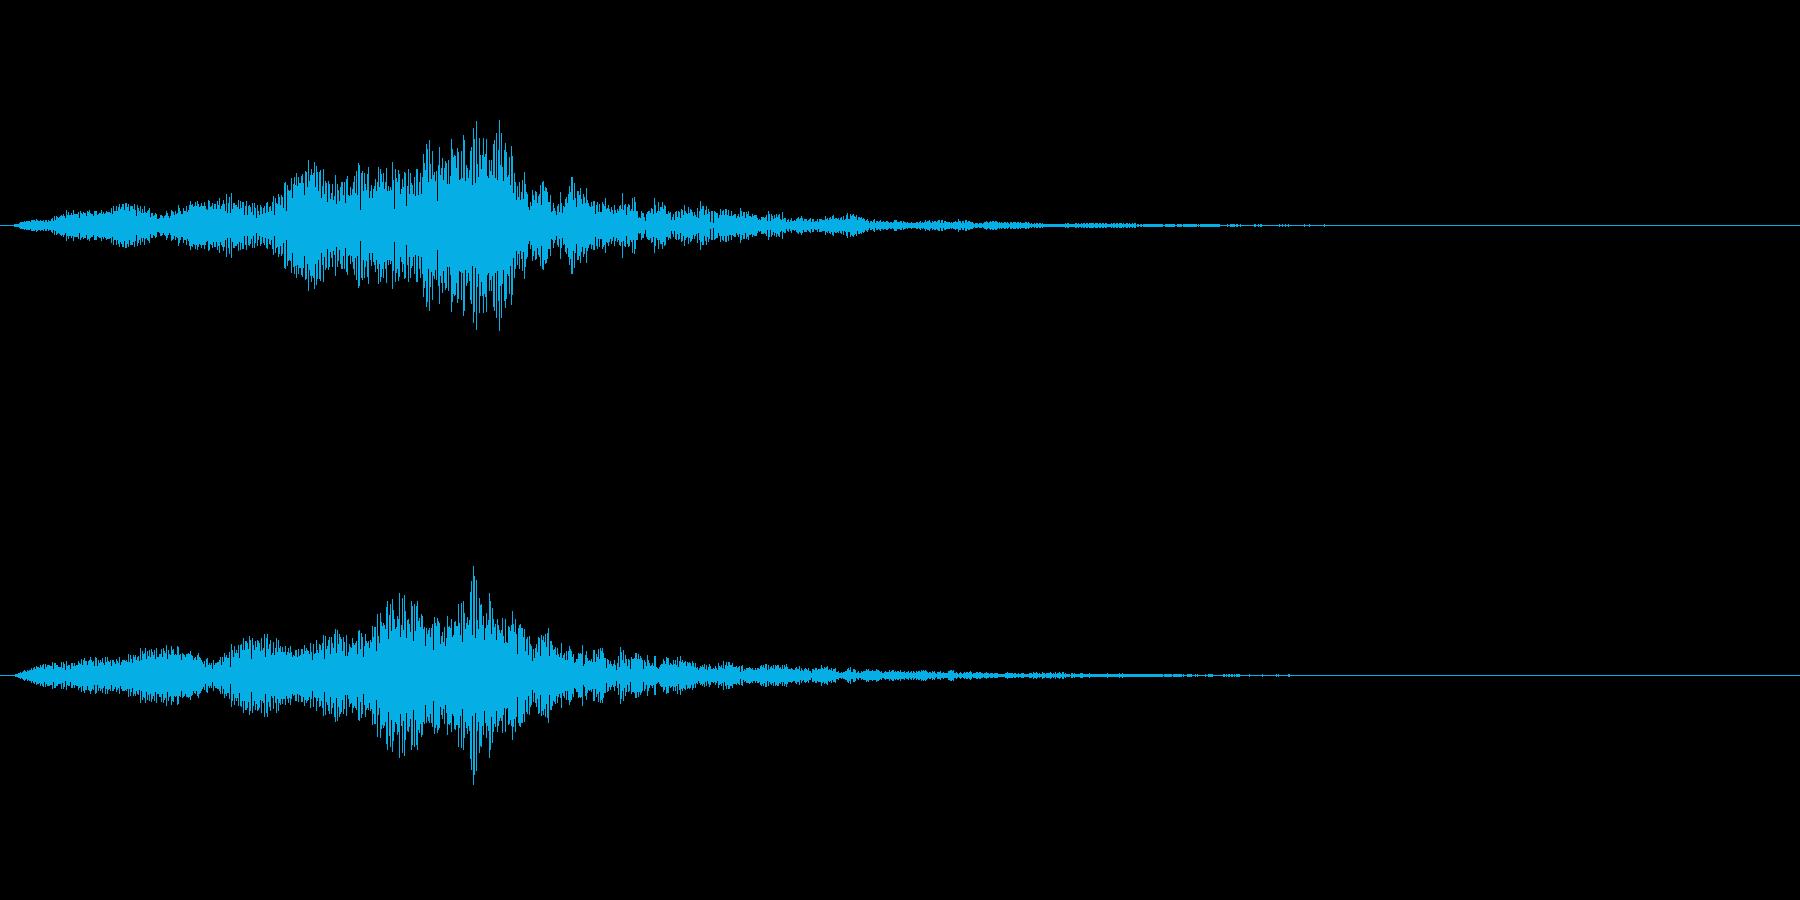 【単音・シリアス01-1】の再生済みの波形